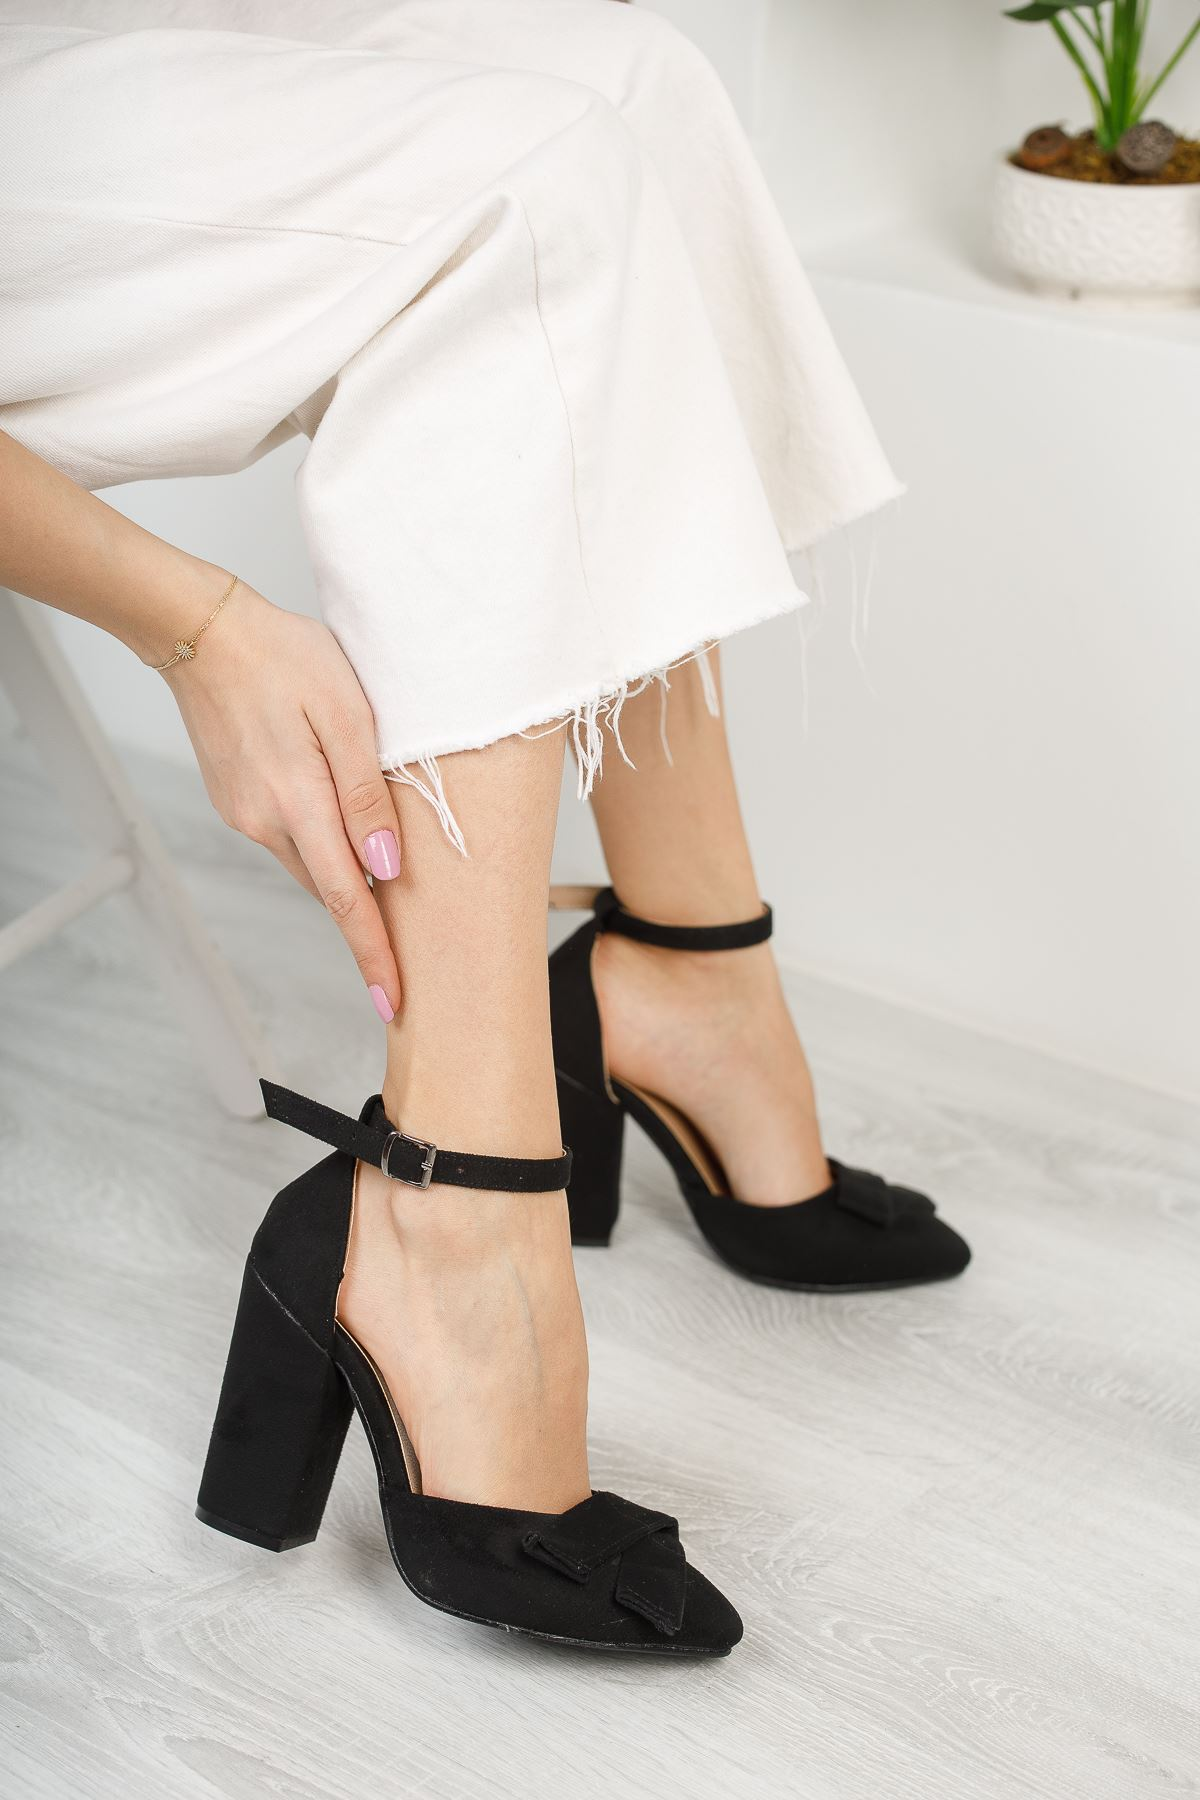 Kadın Cines Kalın Topuklu Yüksek Topuklu Siyah Süet Ayakkabı Sivri Burun